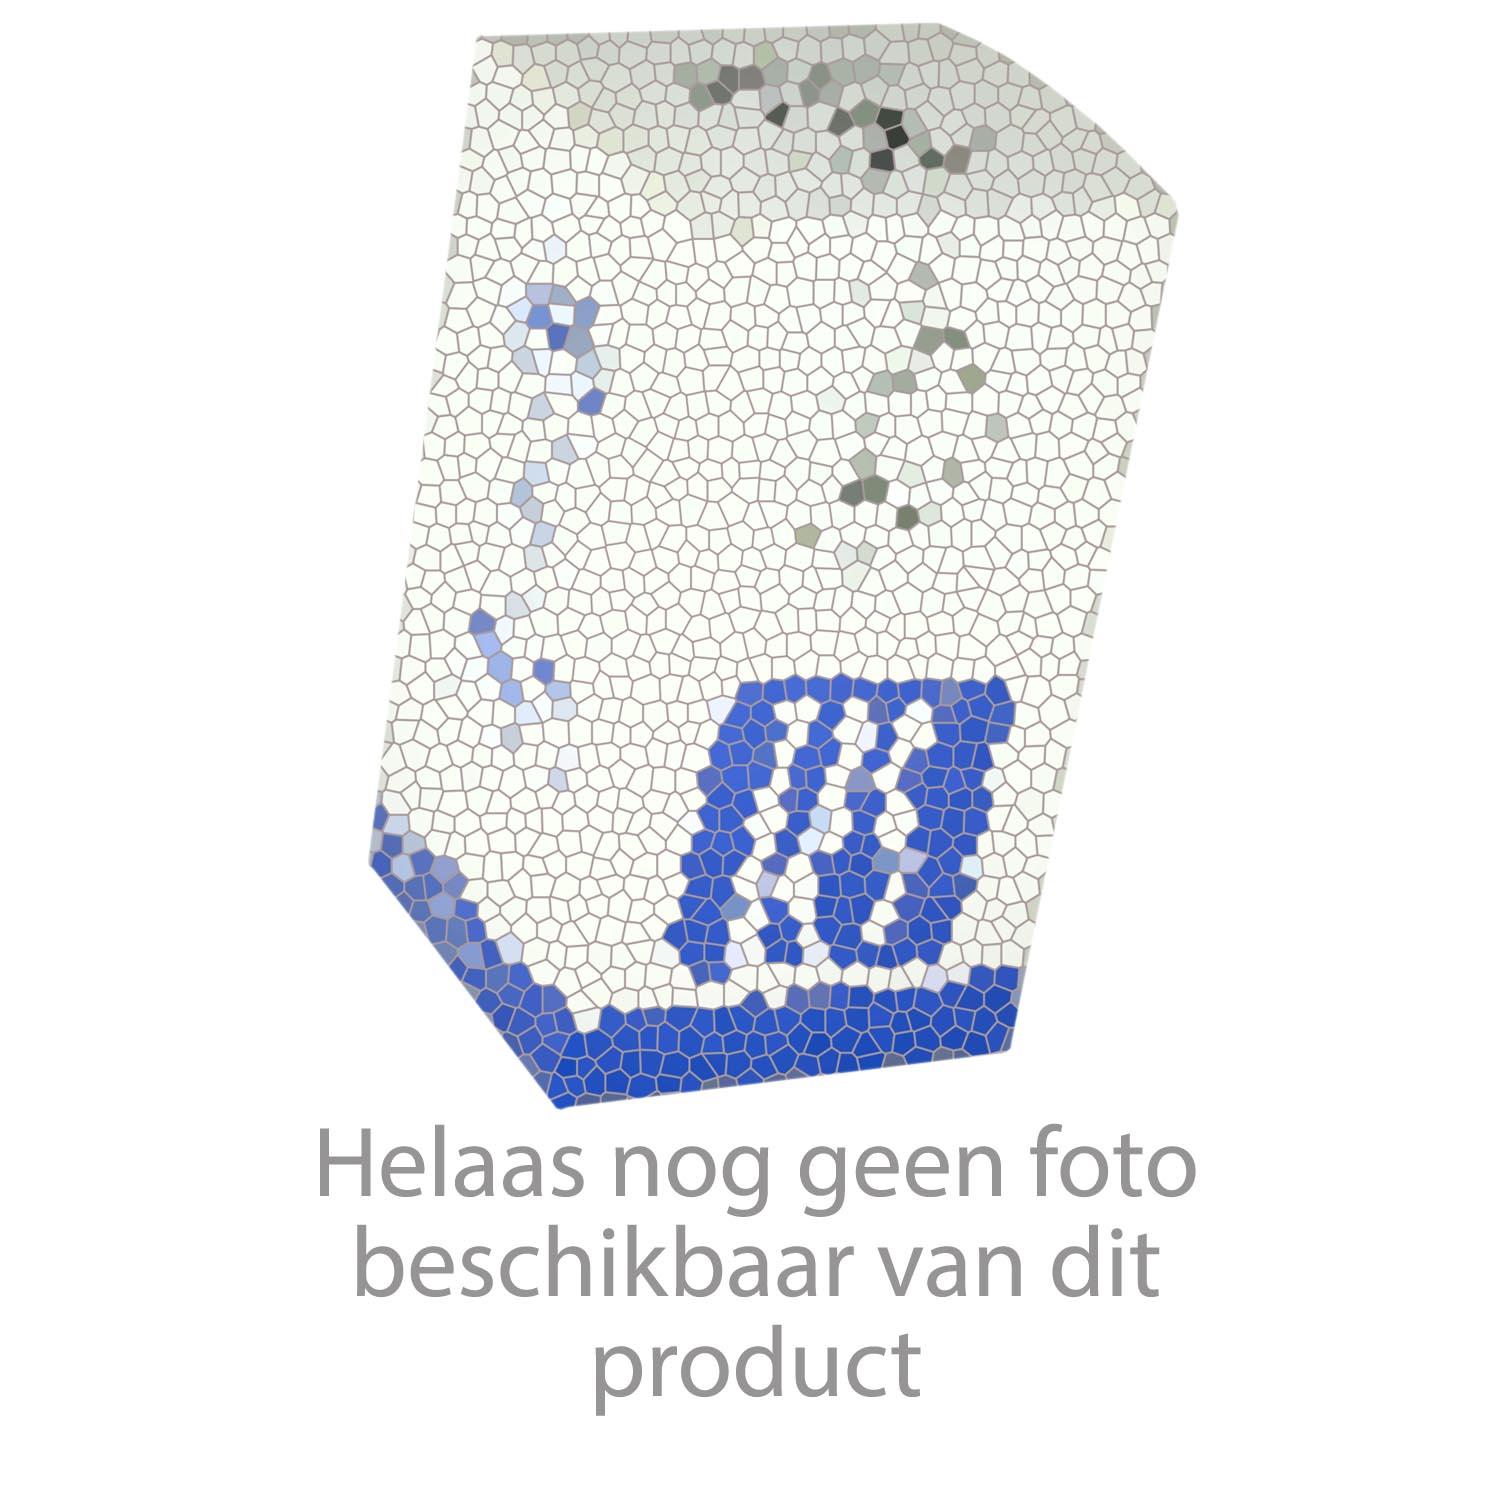 http://www.kranenspecialist.nl/media/catalog/product/cache/1/image/9f8e56d0ea27d4a1c65f20a5a59aced5/b/i/binnenwpro3vaq_2.jpg